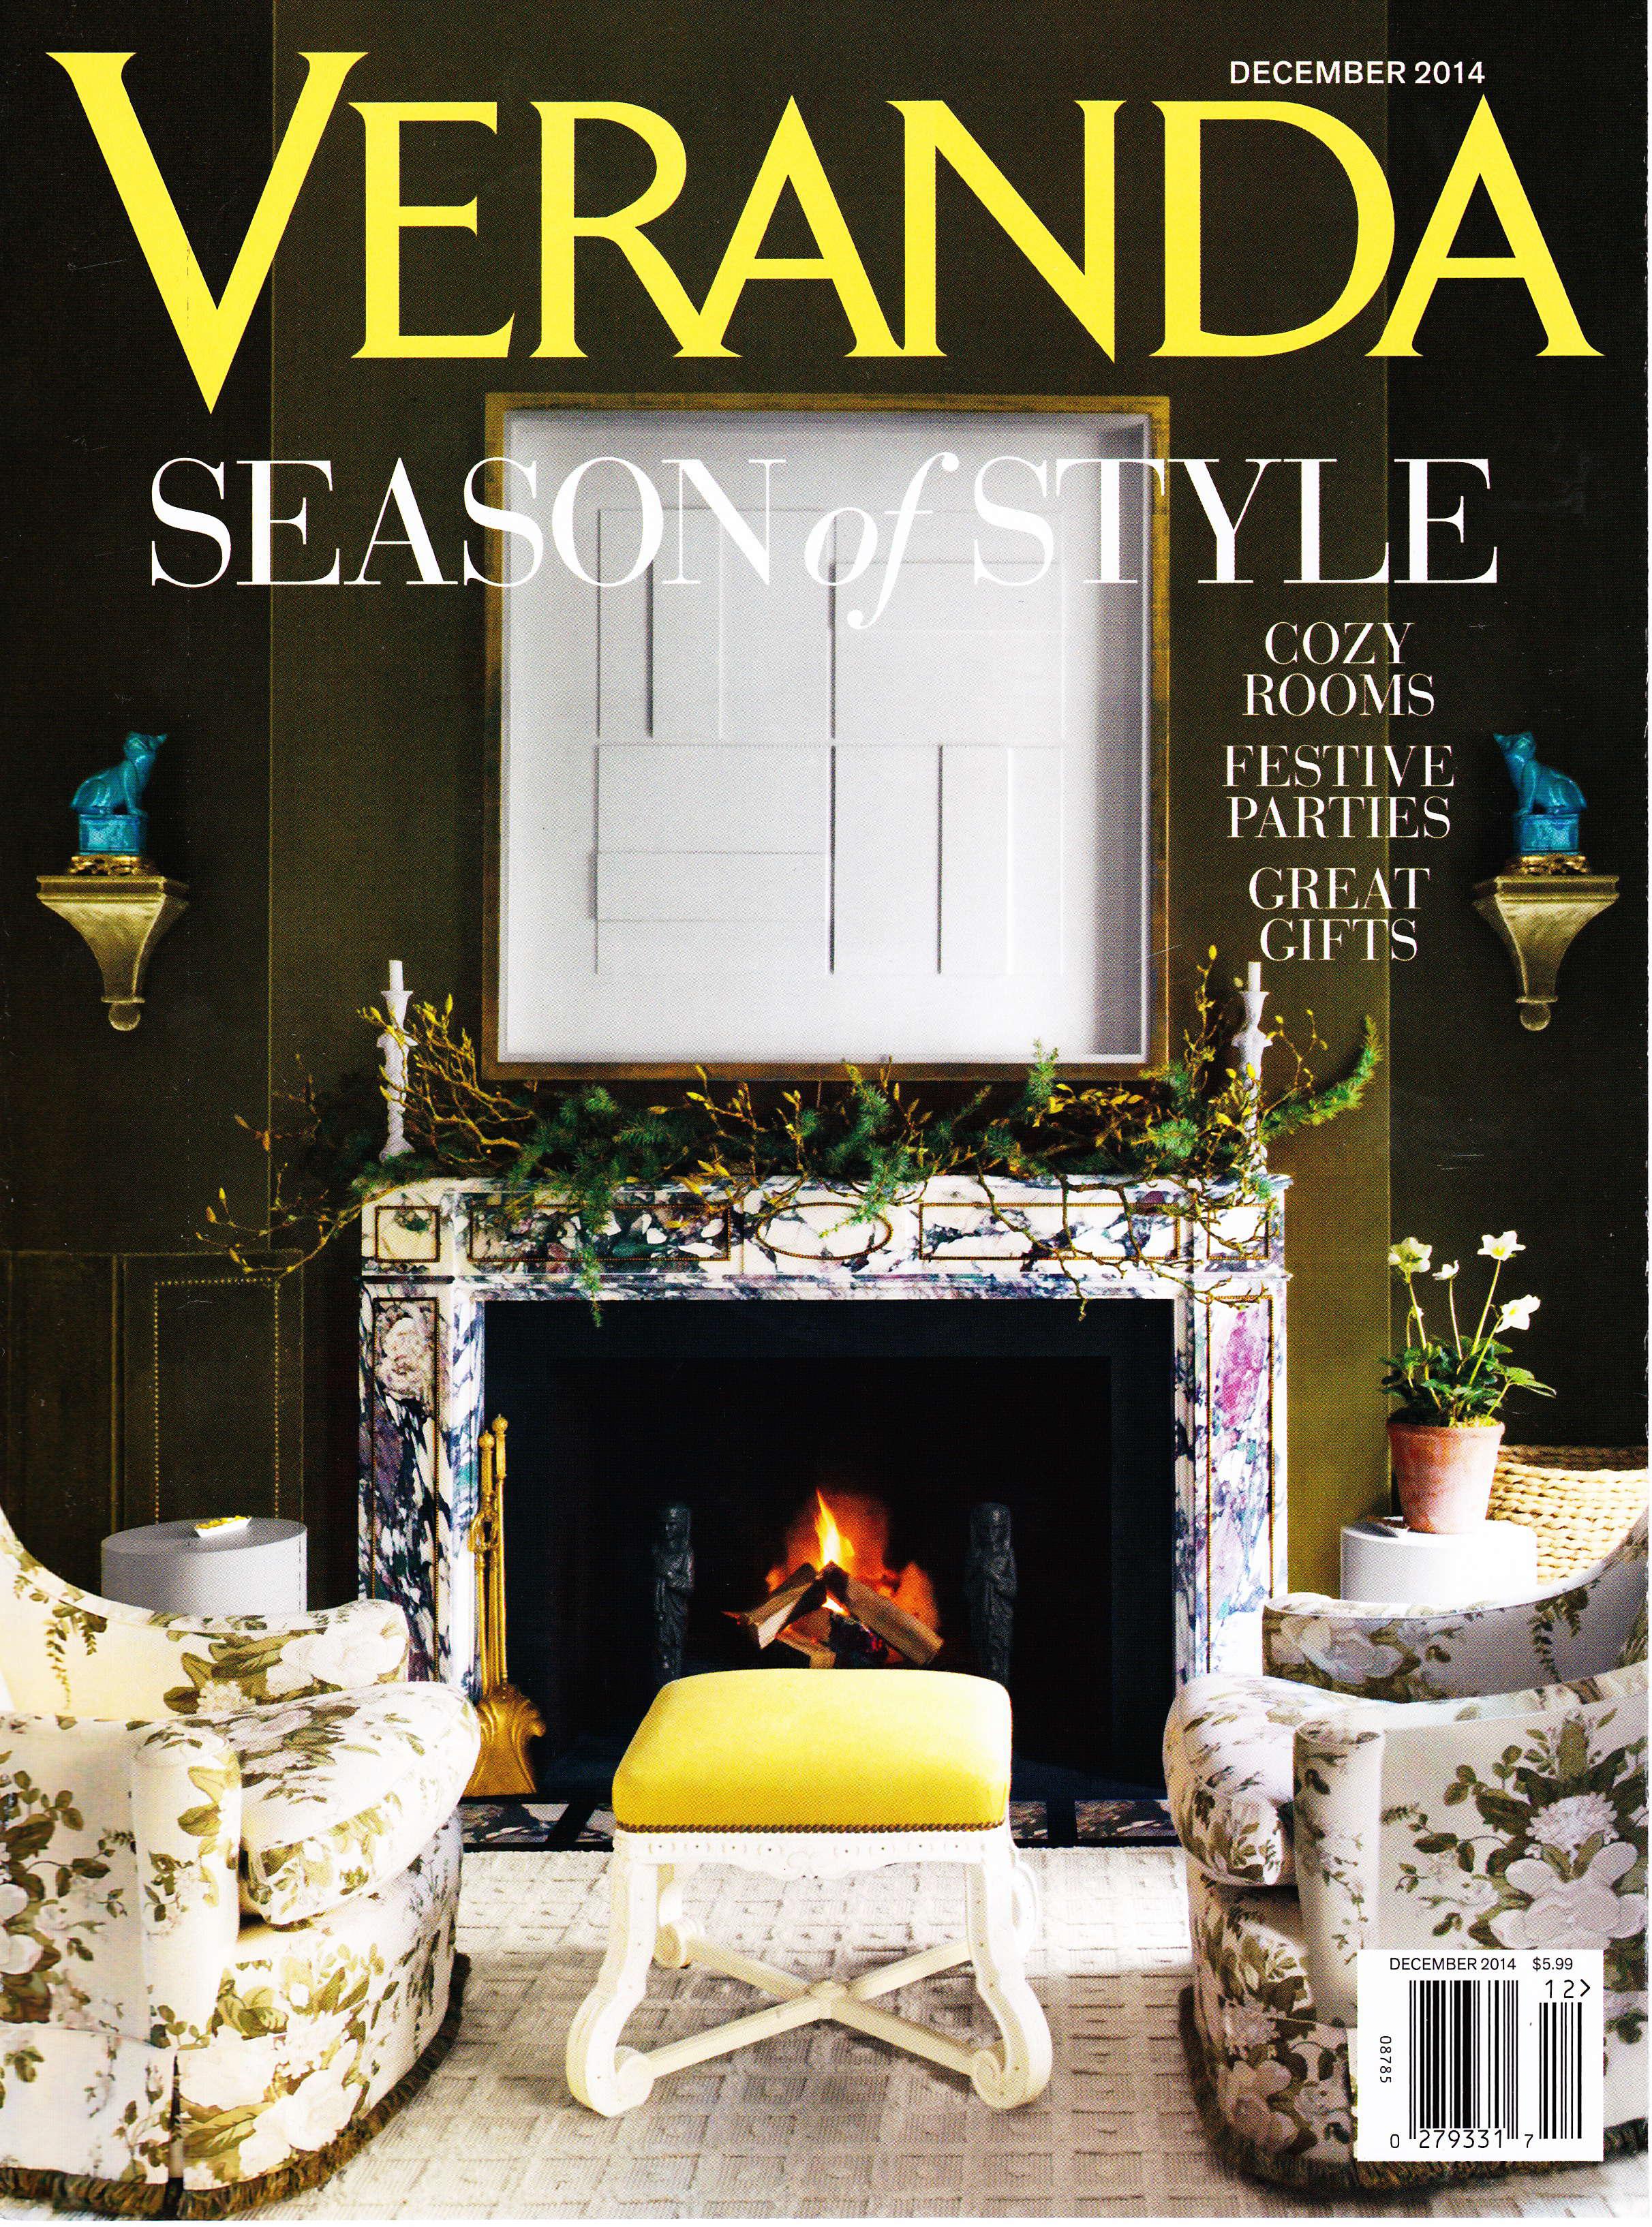 Veranda magazine june 2013